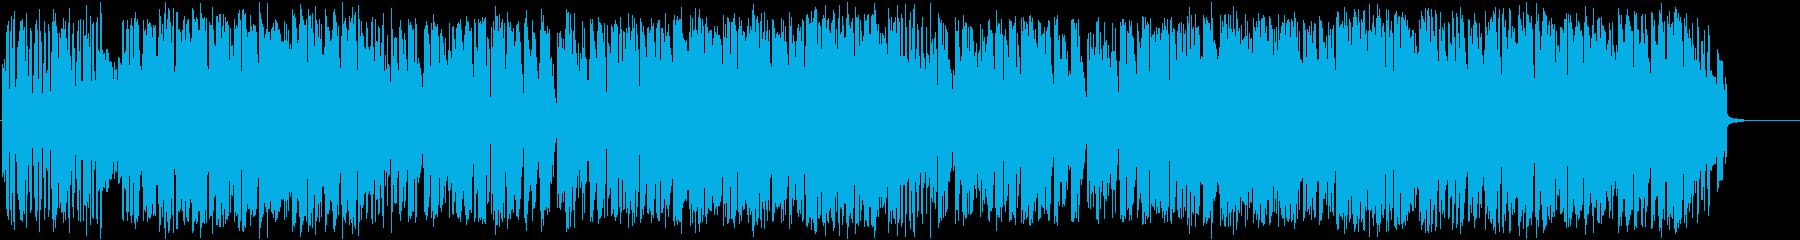 トランペットがおしゃれなゆったりとした曲の再生済みの波形